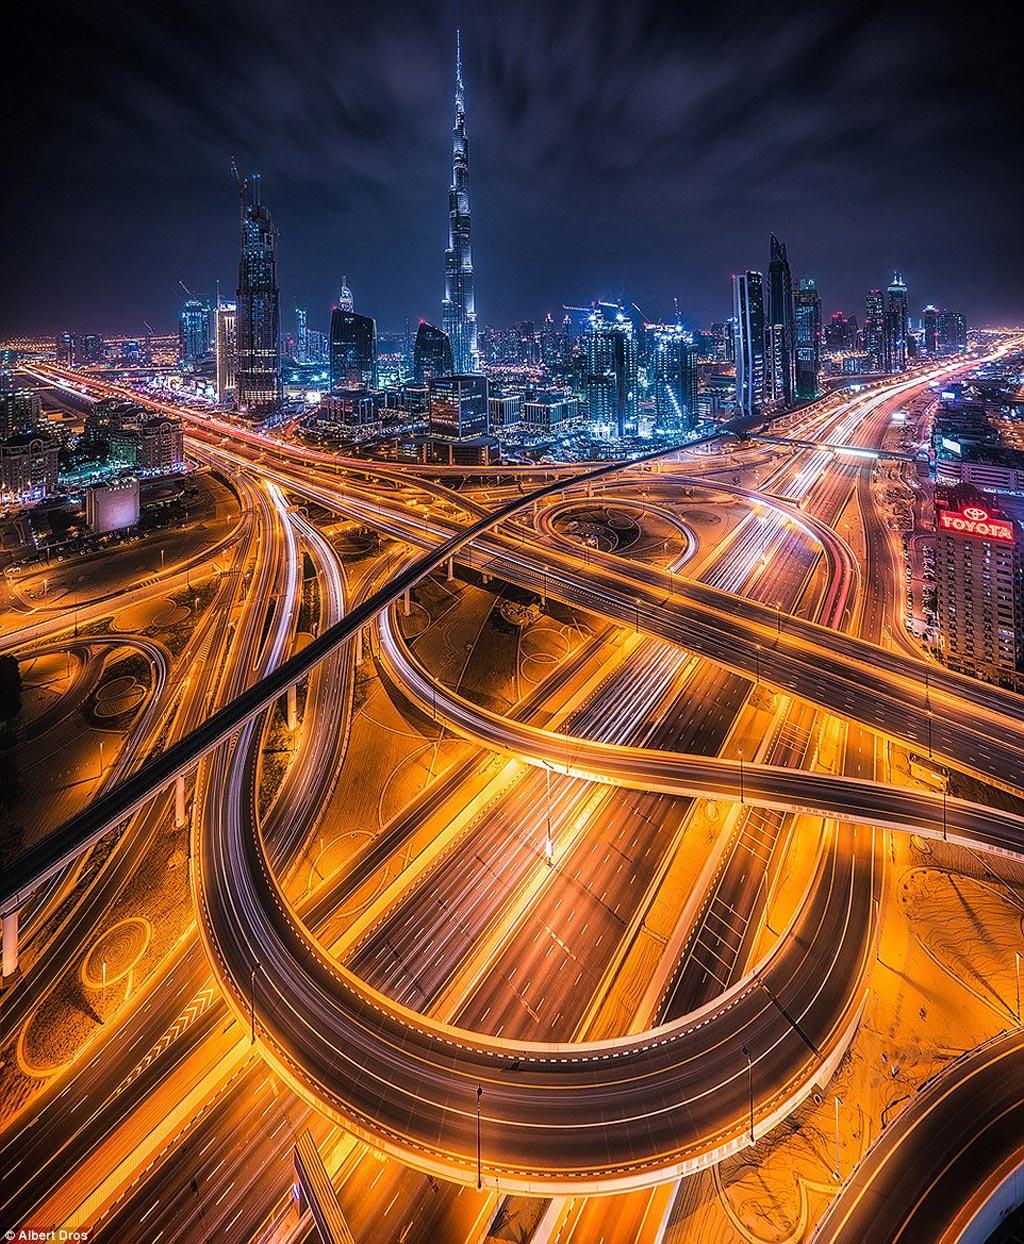 Từ một làng chài nghèo, Dubai đã có những phát triển vượt bậc trong khoảng thời gian ngắn và trở thành điểm đến hạng sang của thế giới. Những đại lộ vắt qua nhau bao quanh thành phố trong mơ với các tòa cao ốc chọc trời.